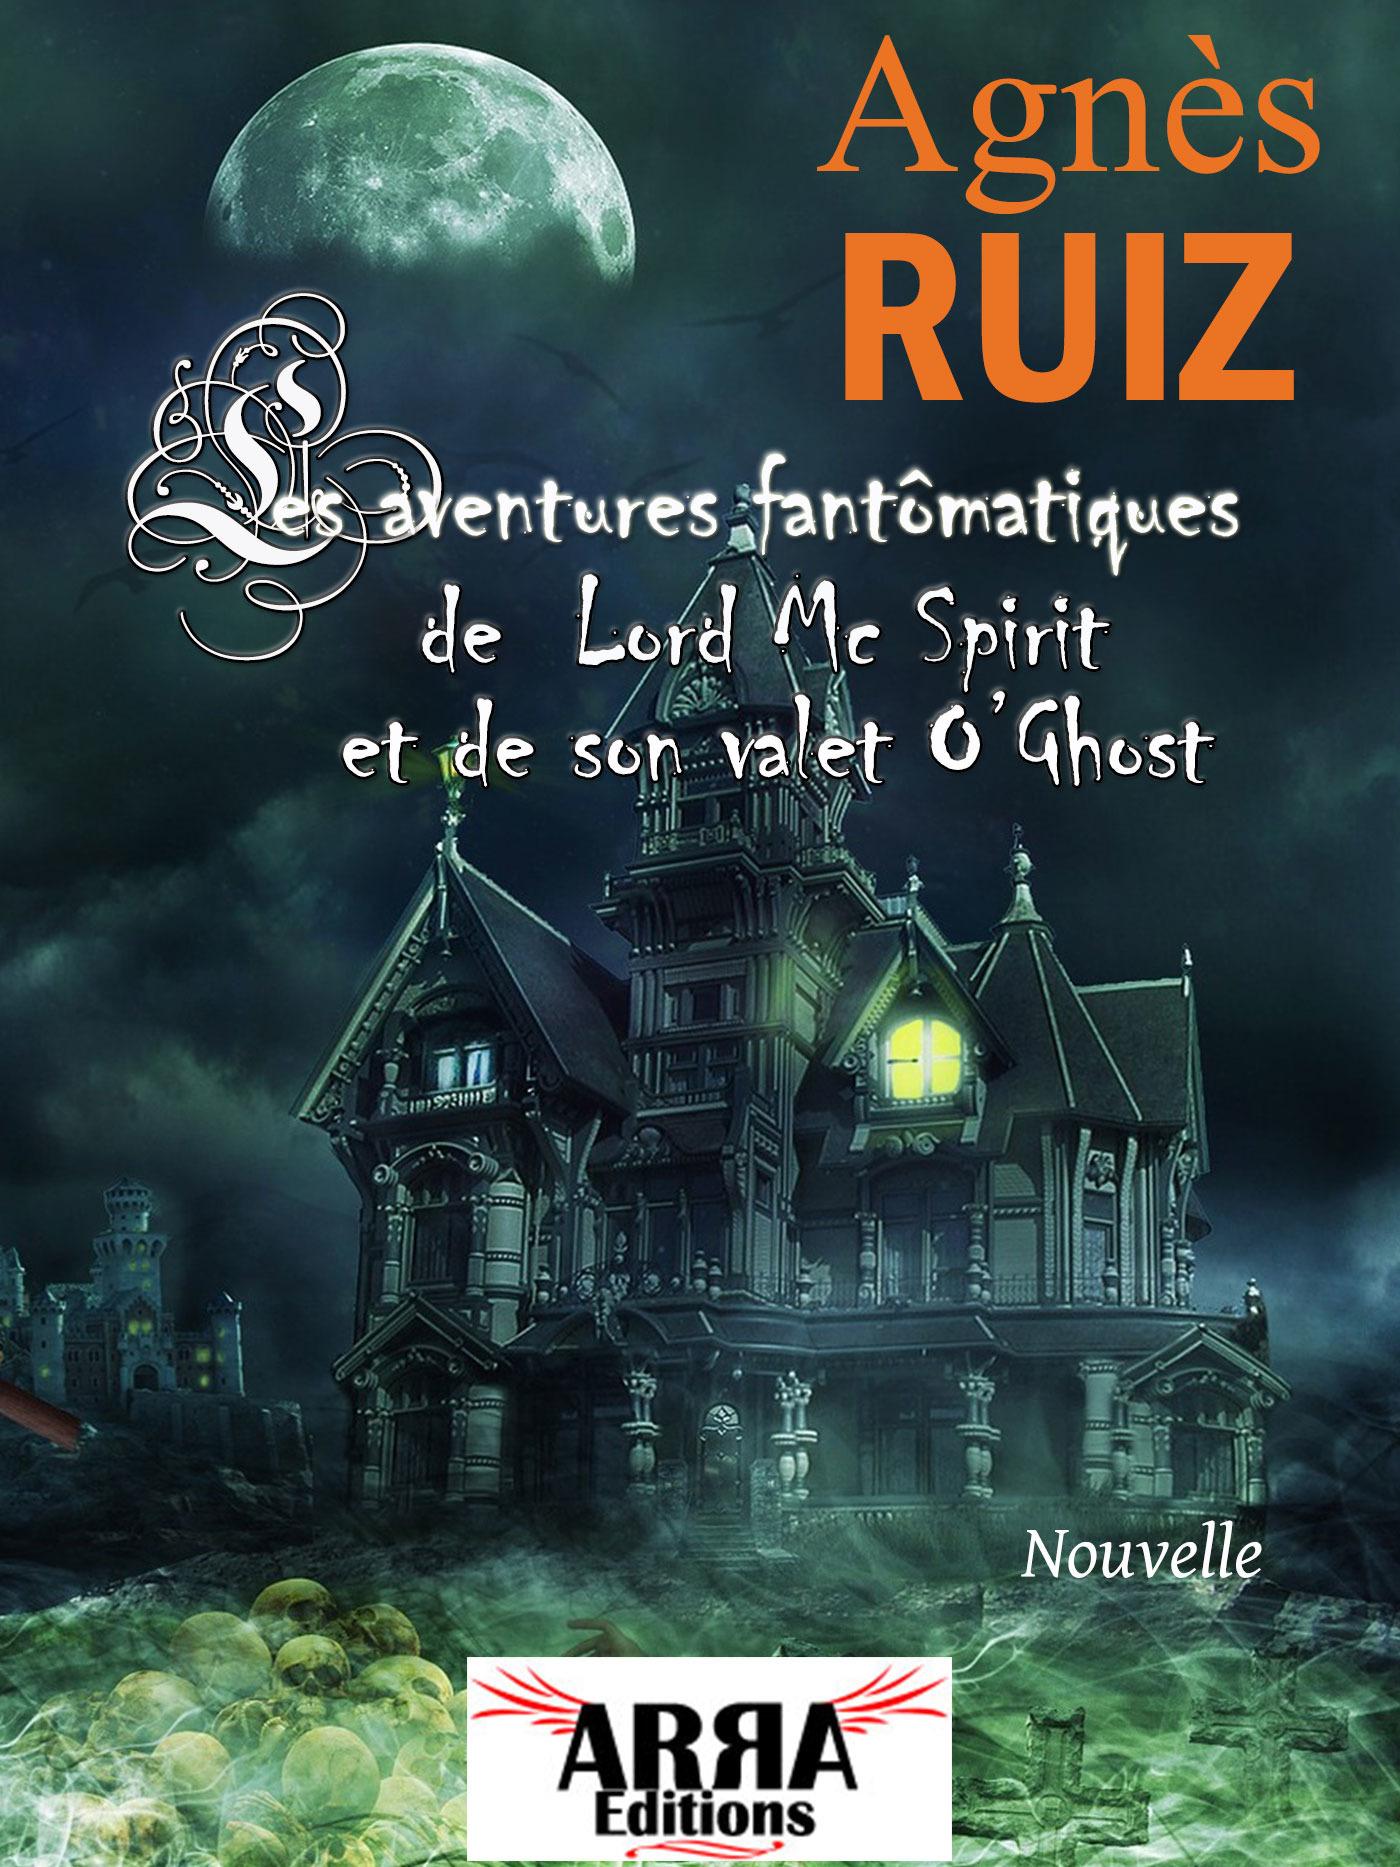 Les aventures fantomatiques de Lord Mc Spirit et de son valet O'Ghost